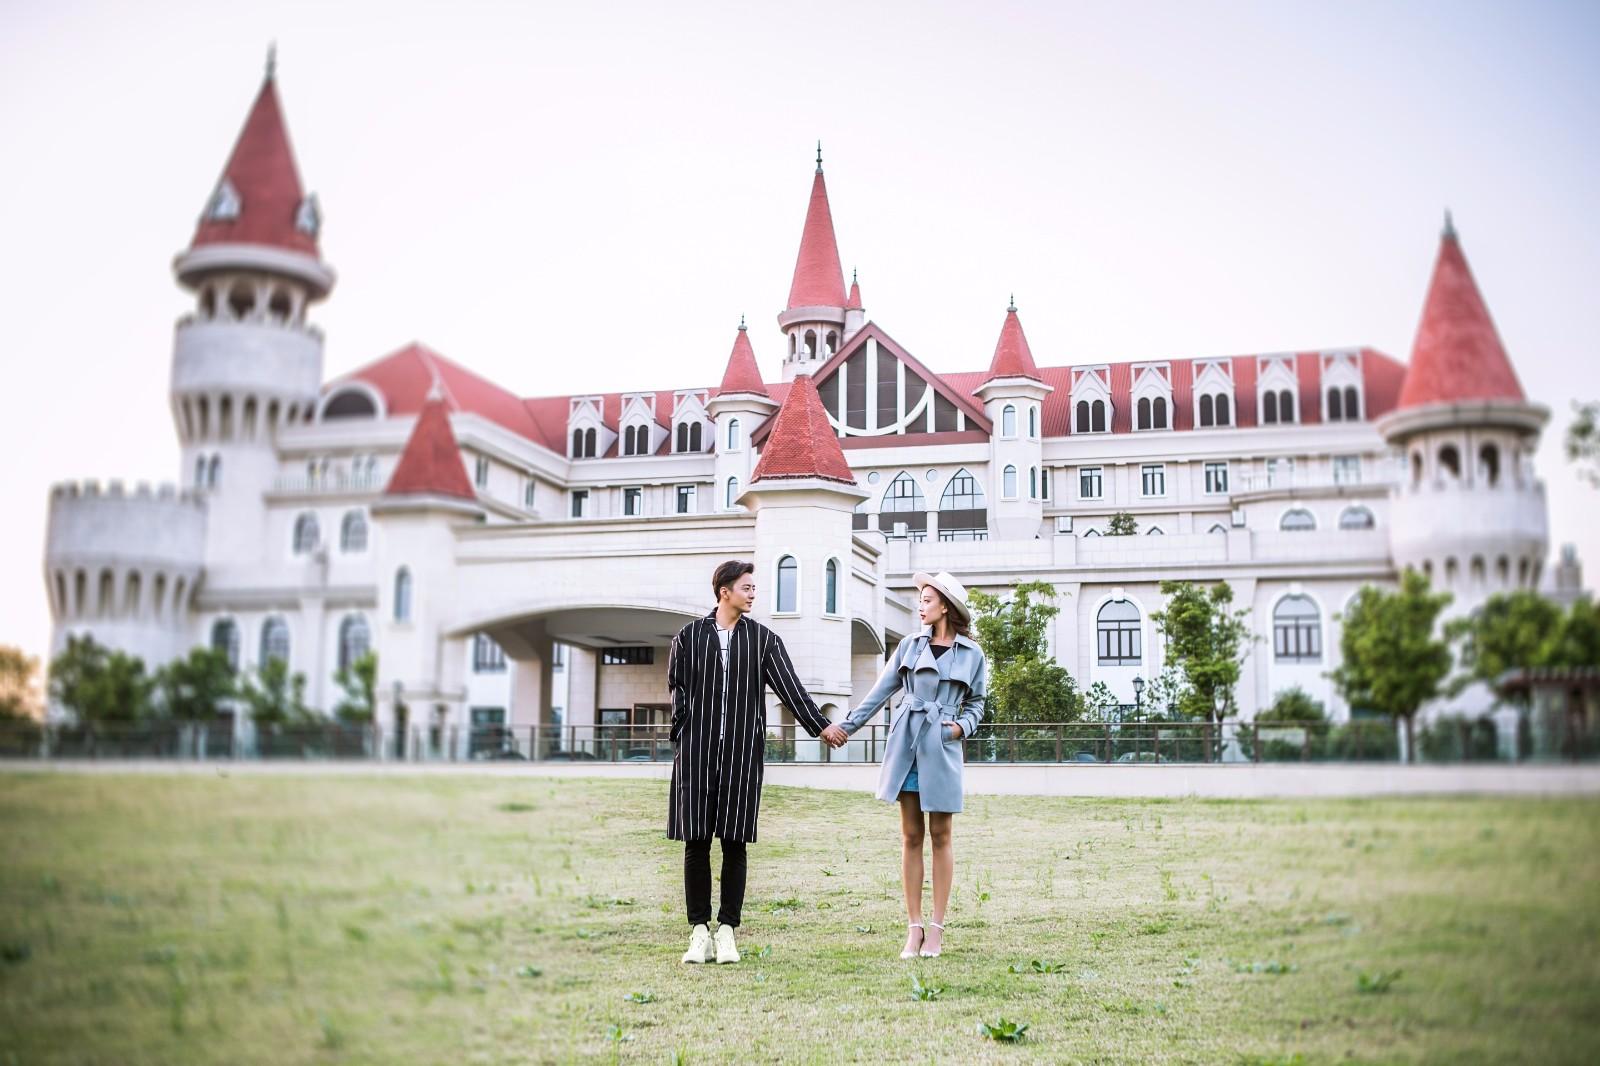 广州什么婚纱摄影店好?最多广州人选择这间婚纱摄影店